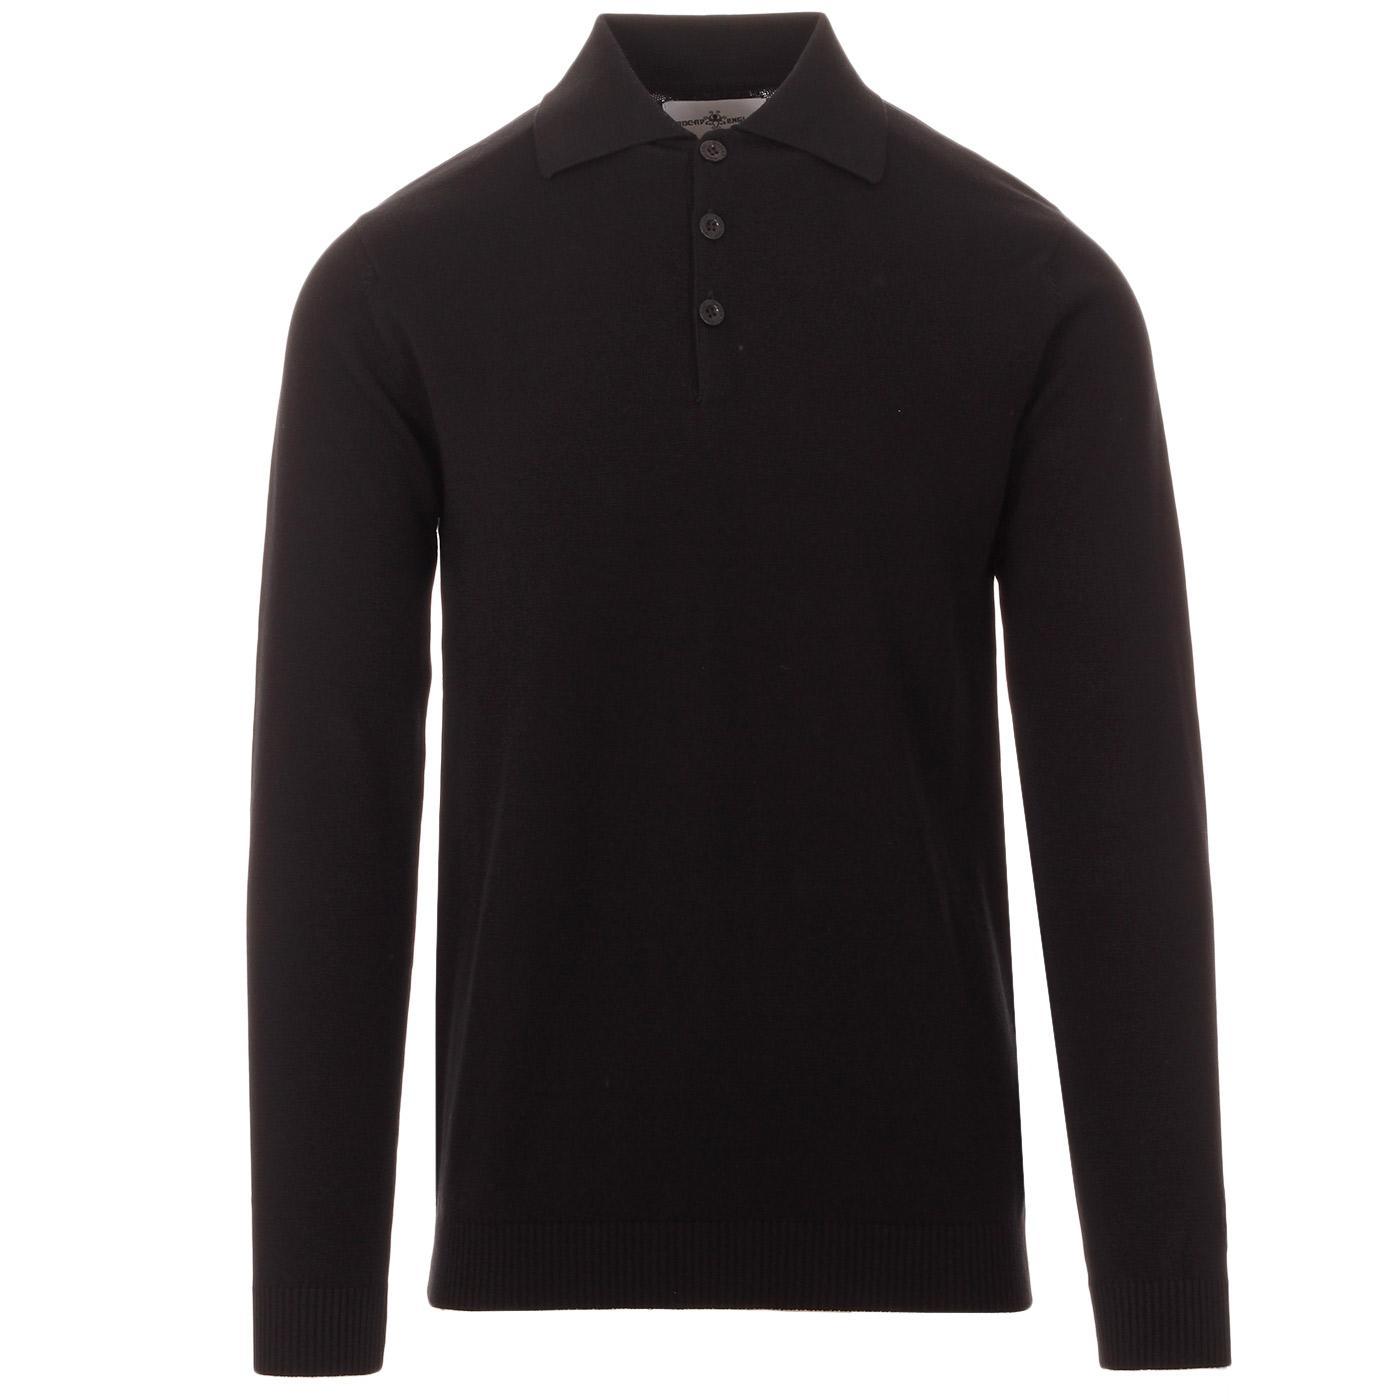 Brando MADCAP ENGLAND 1960s Mod Knitted Polo (B)